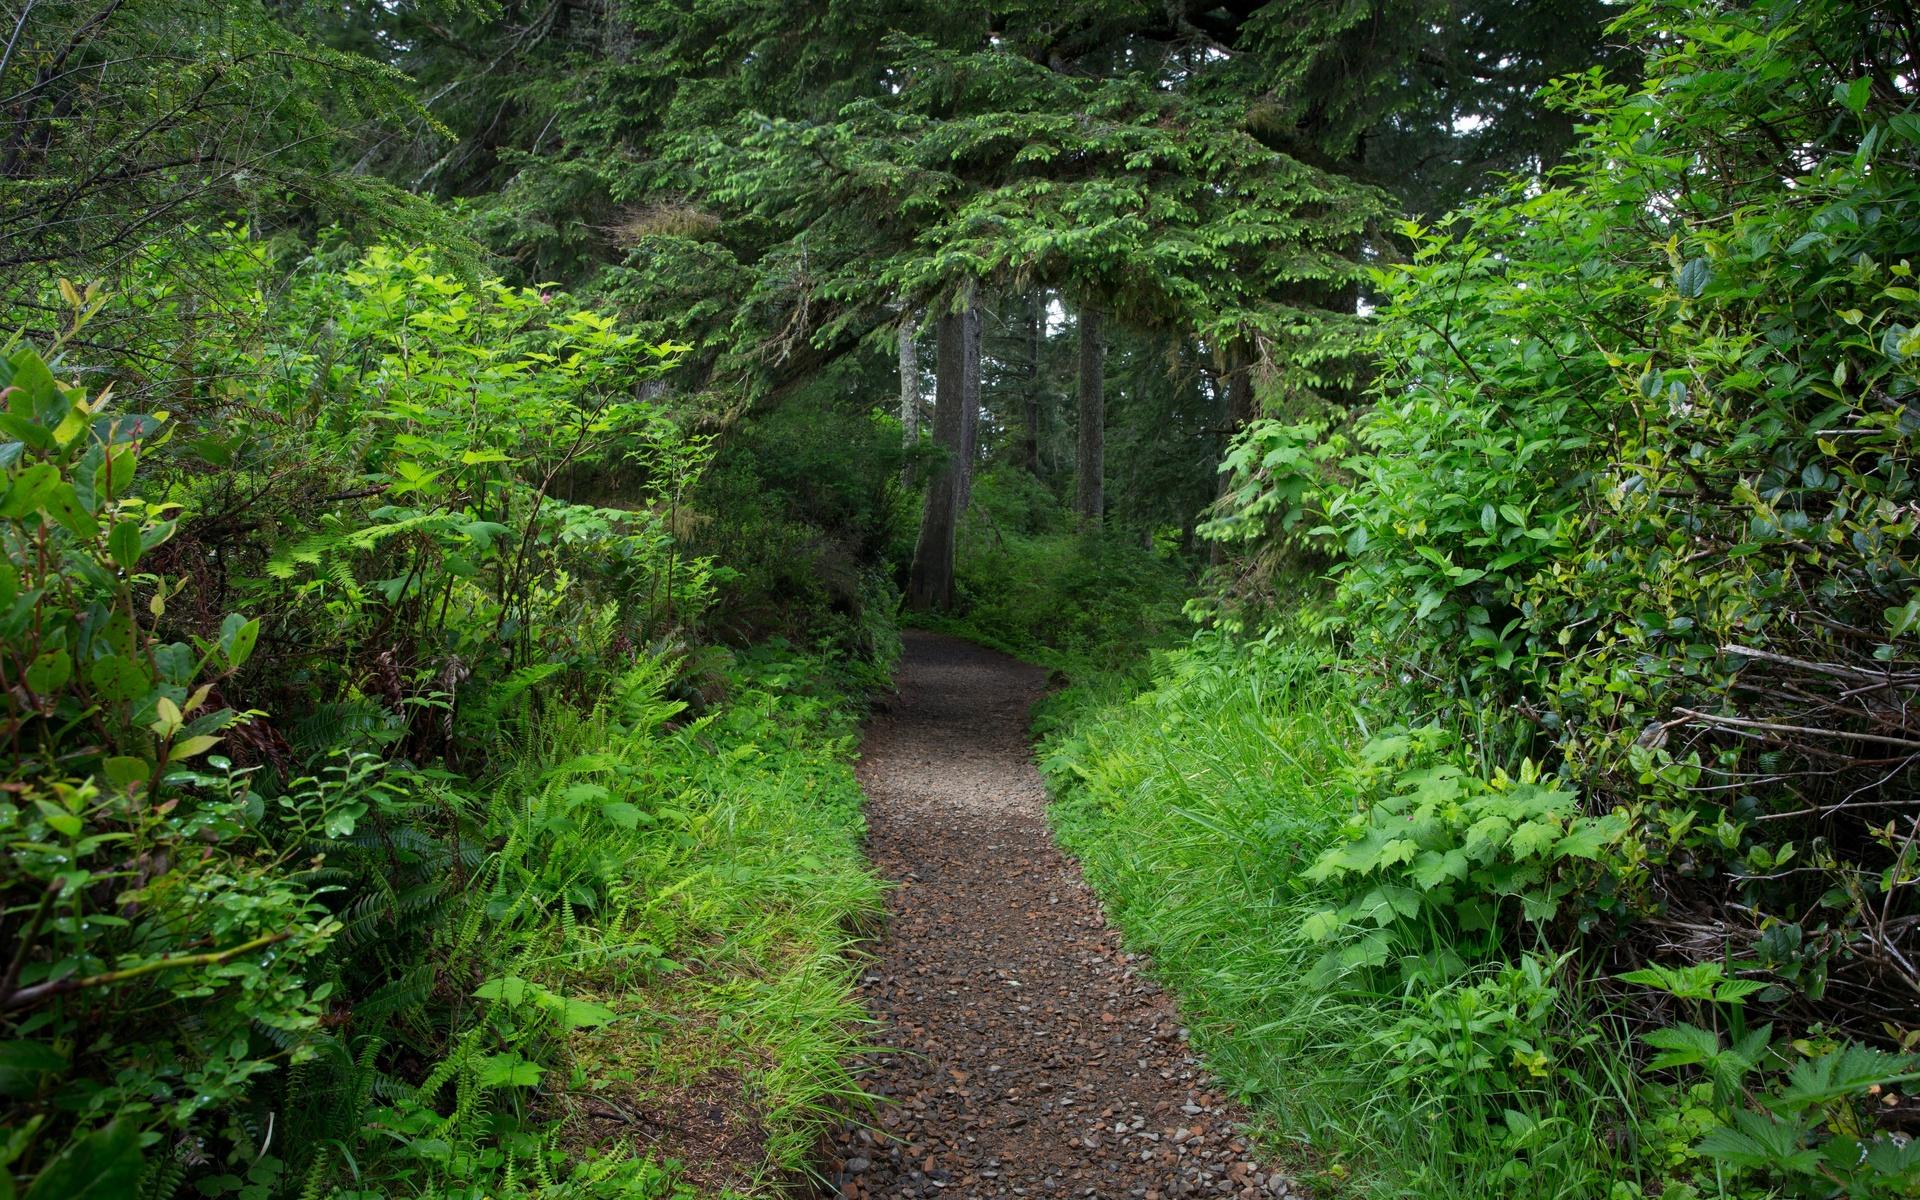 деревья, кусты, дорожка